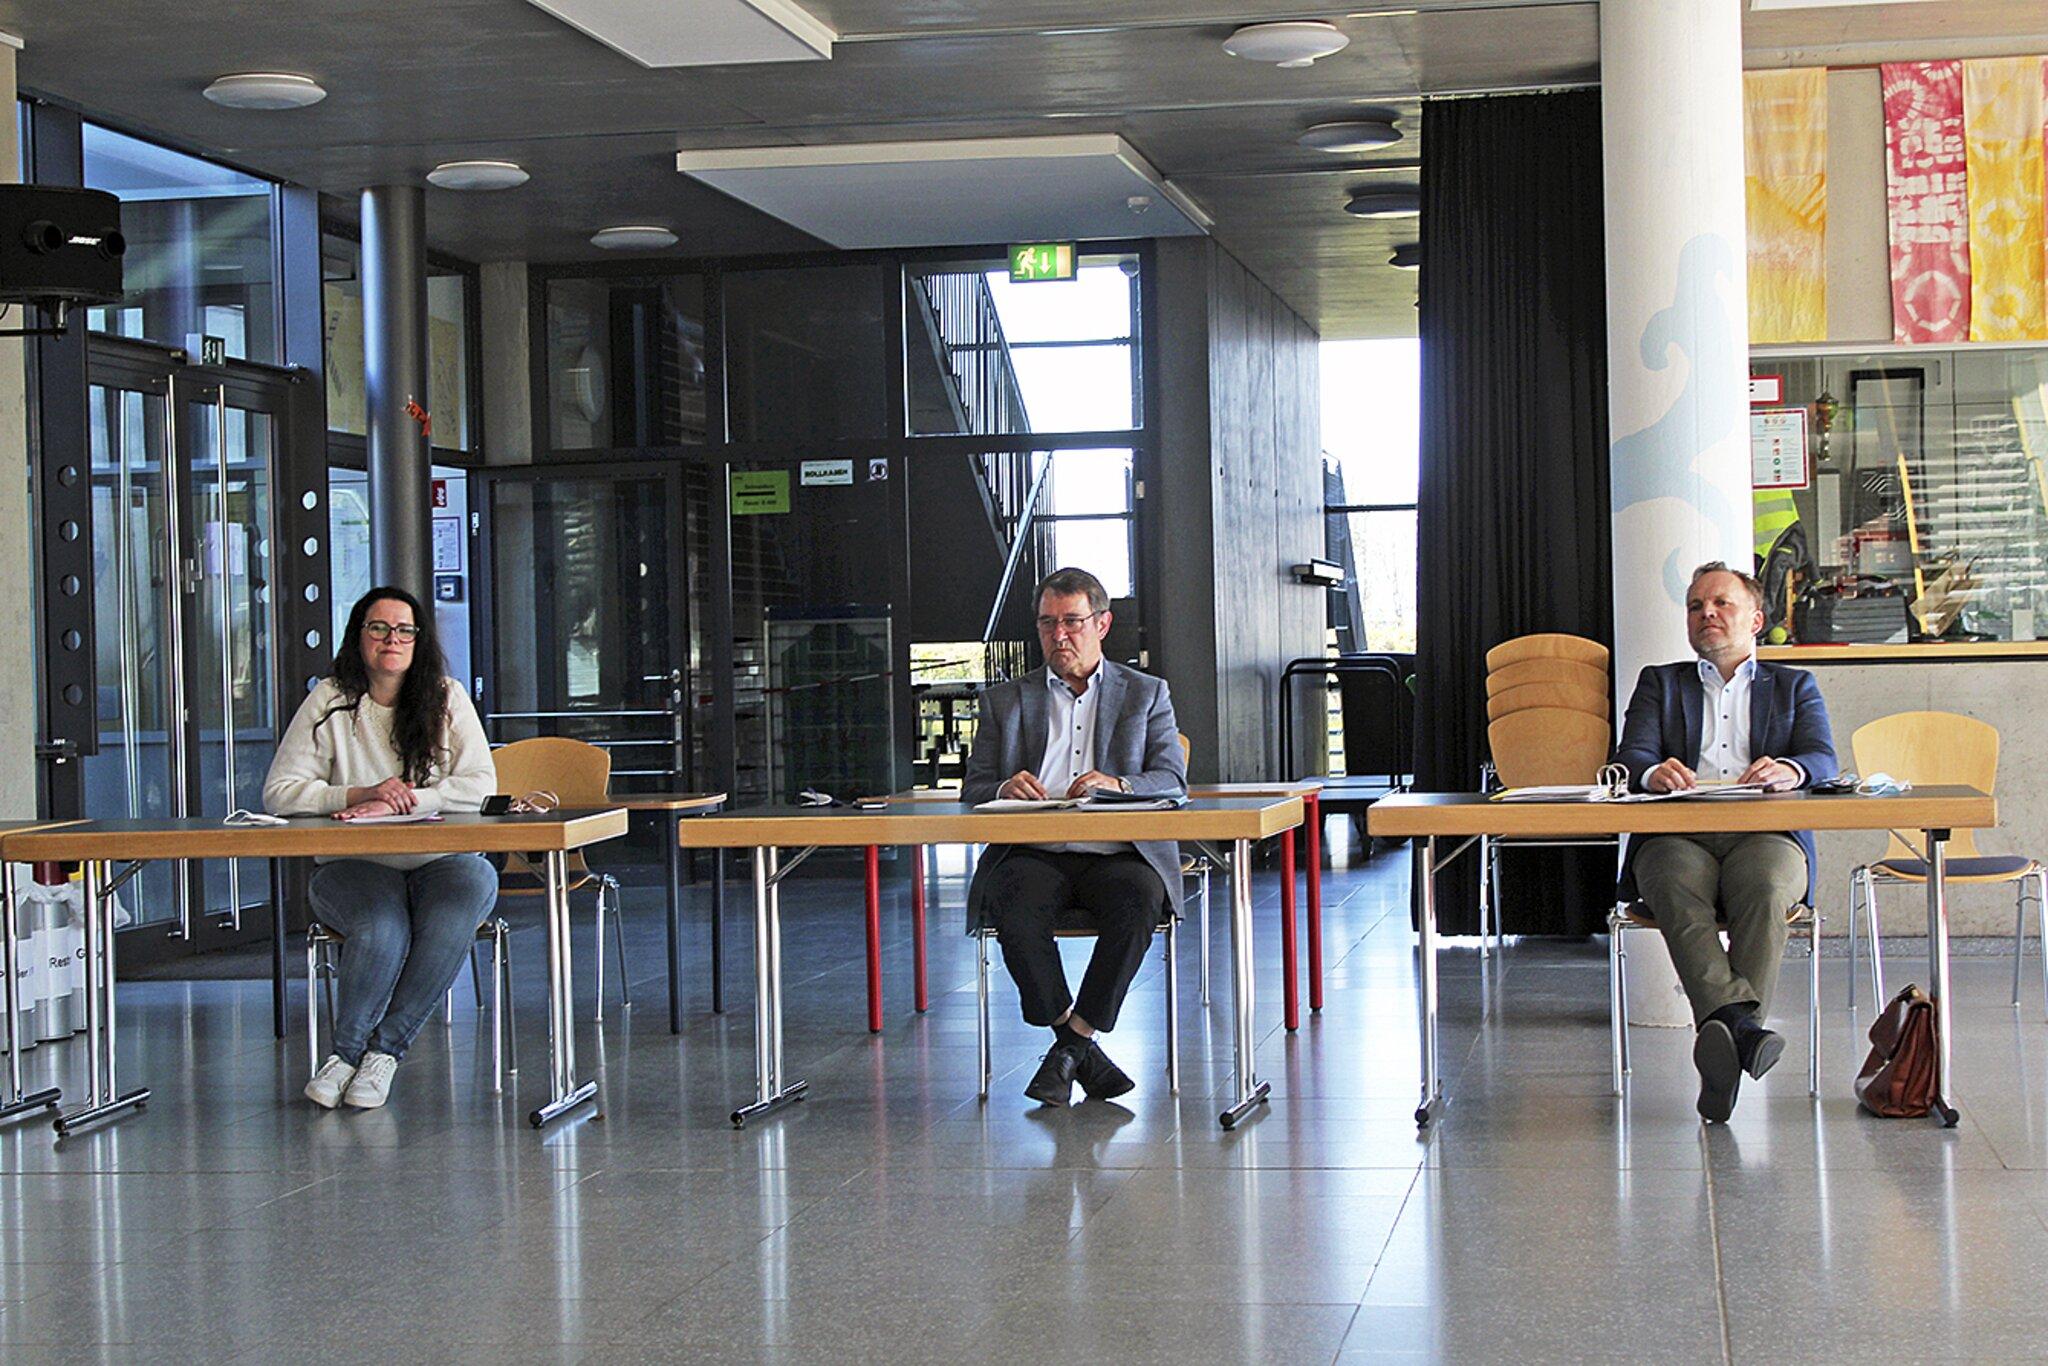 Zumindest Formales geklärt                                                                  Mediation: Vereinbarung zwischen Apenser Samtgemeinderat und -Bürgermeisterin unterschrieben